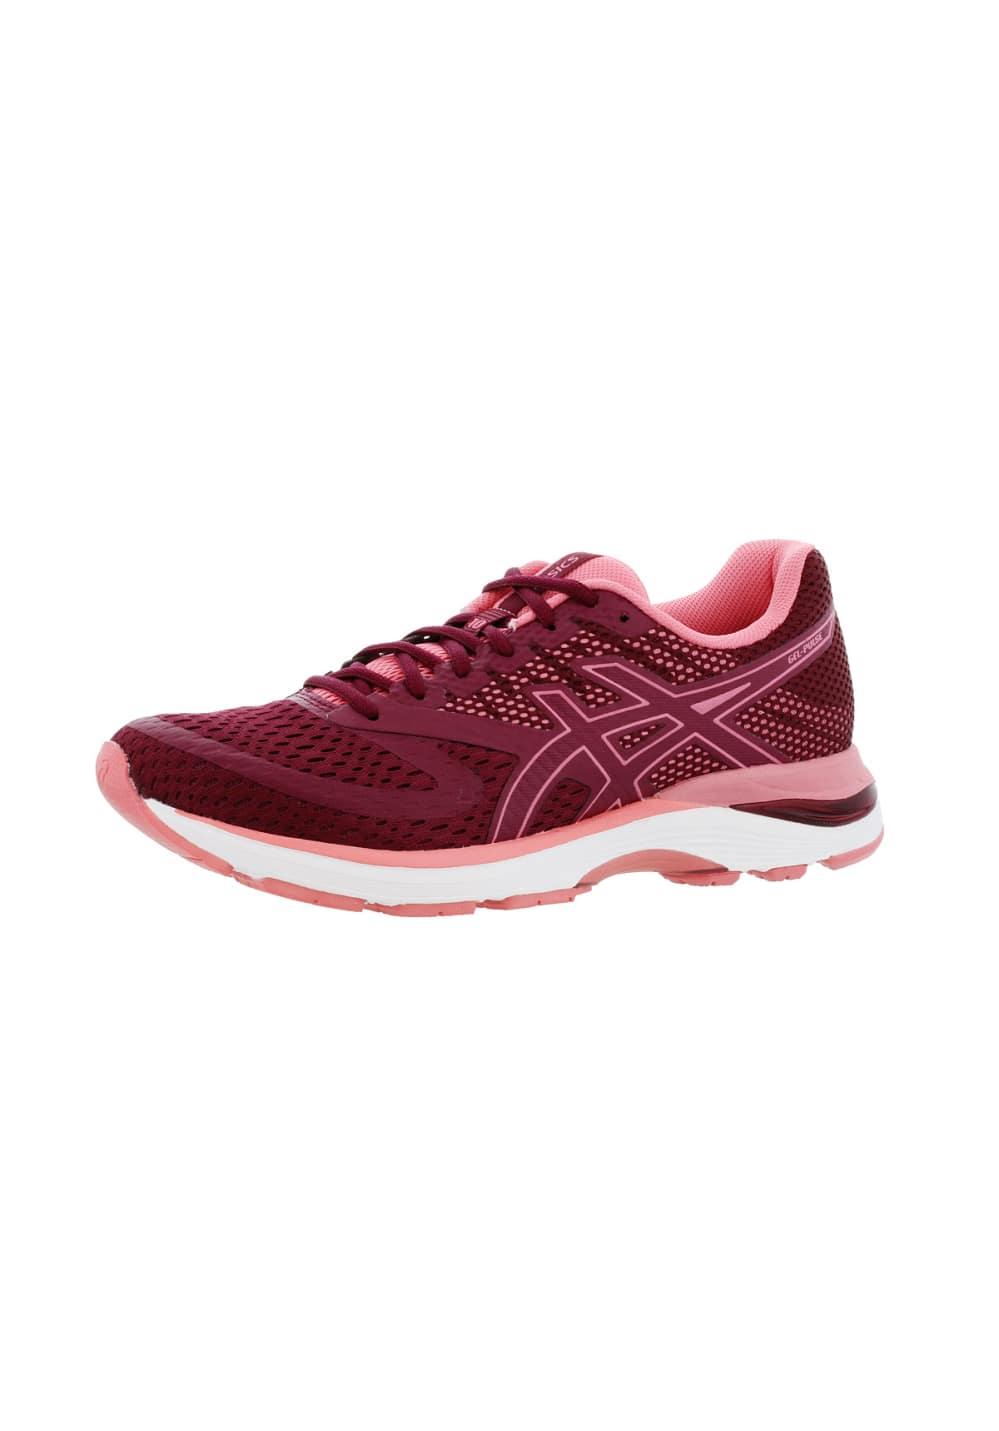 9bedd667e924 ASICS GEL-Pulse 10 - Chaussures running pour Femme - Rouge | 21RUN